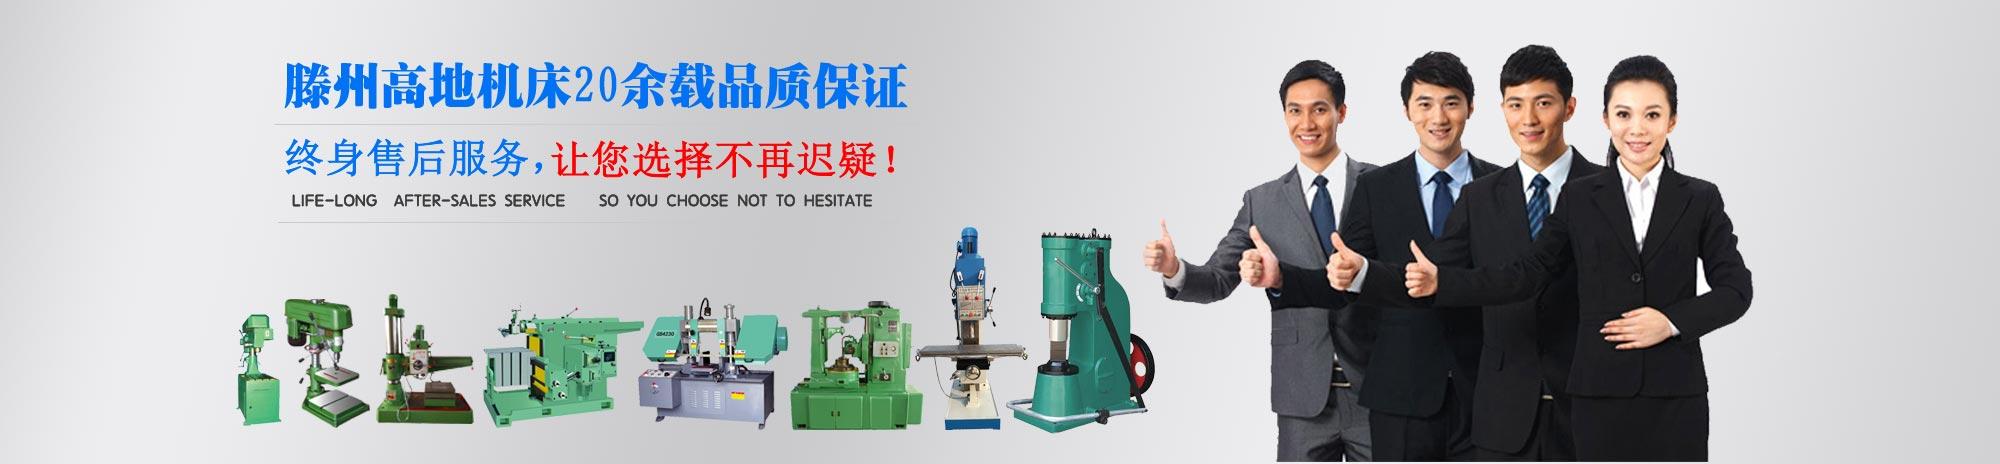 澳门银河yu乐app苀en? /></div> <div class=